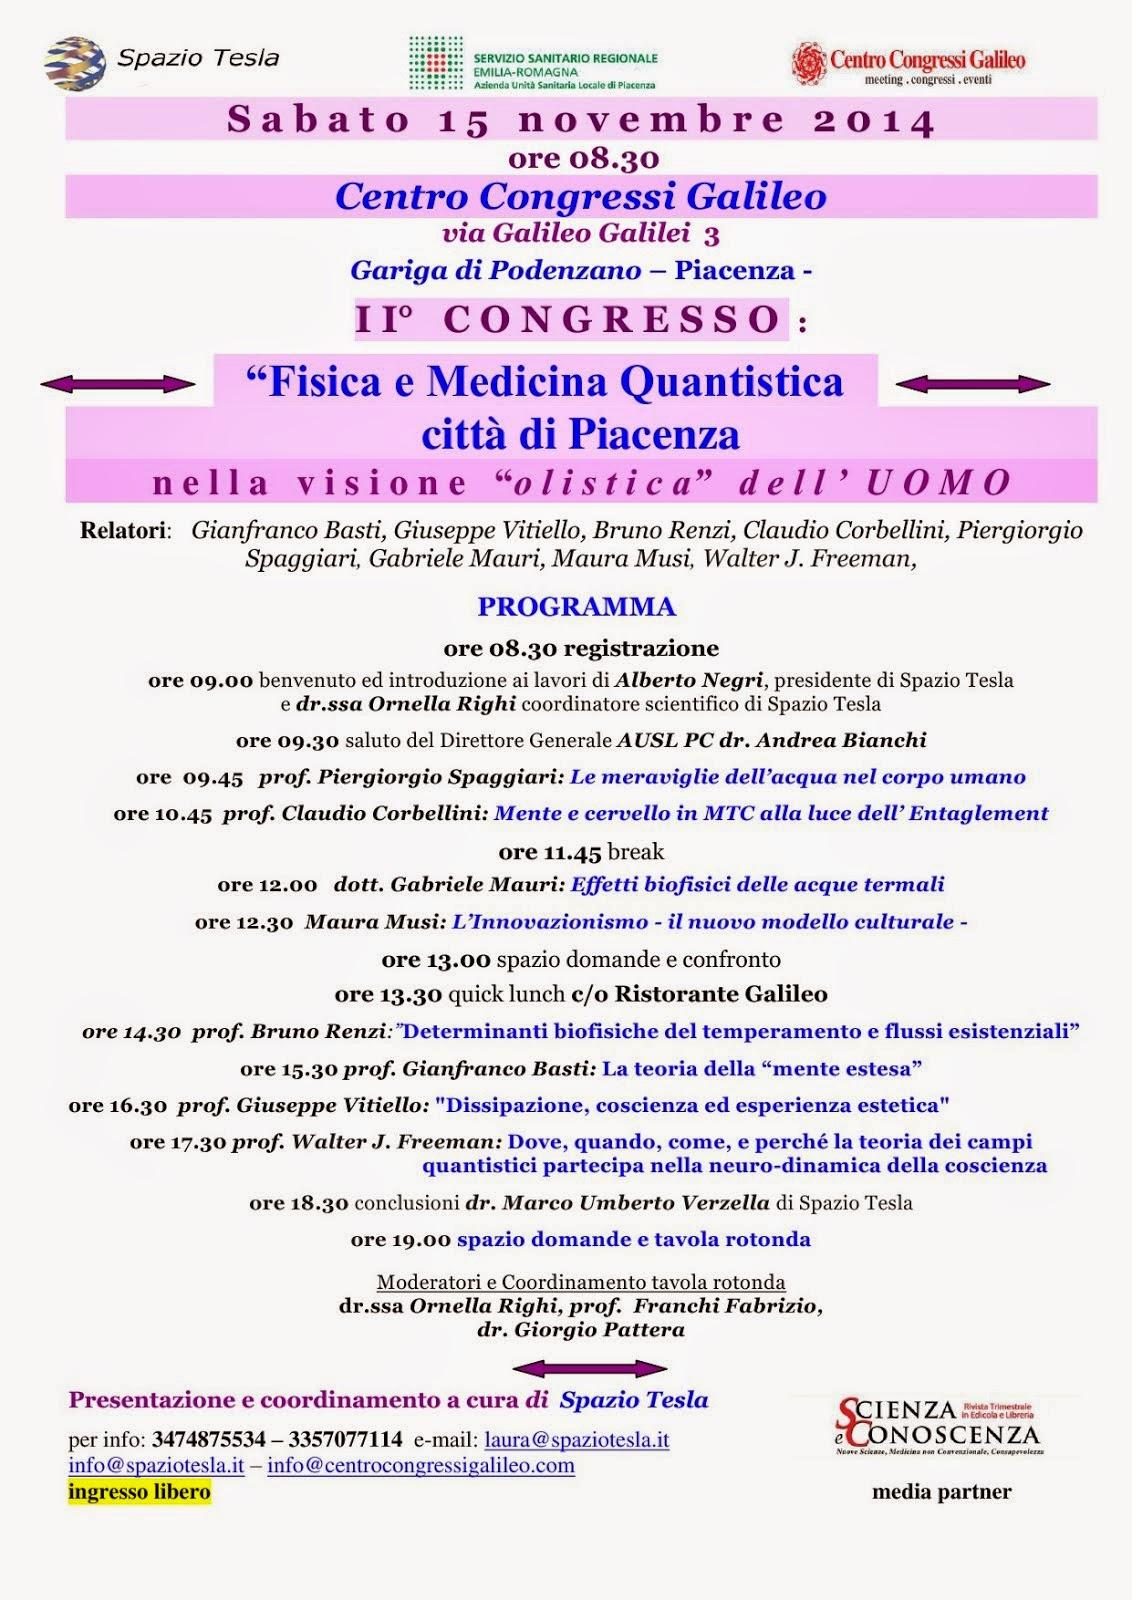 """I I° C O N G R E S S O :  """"Fisica e Medicina Quantistica  città di Piacenza"""